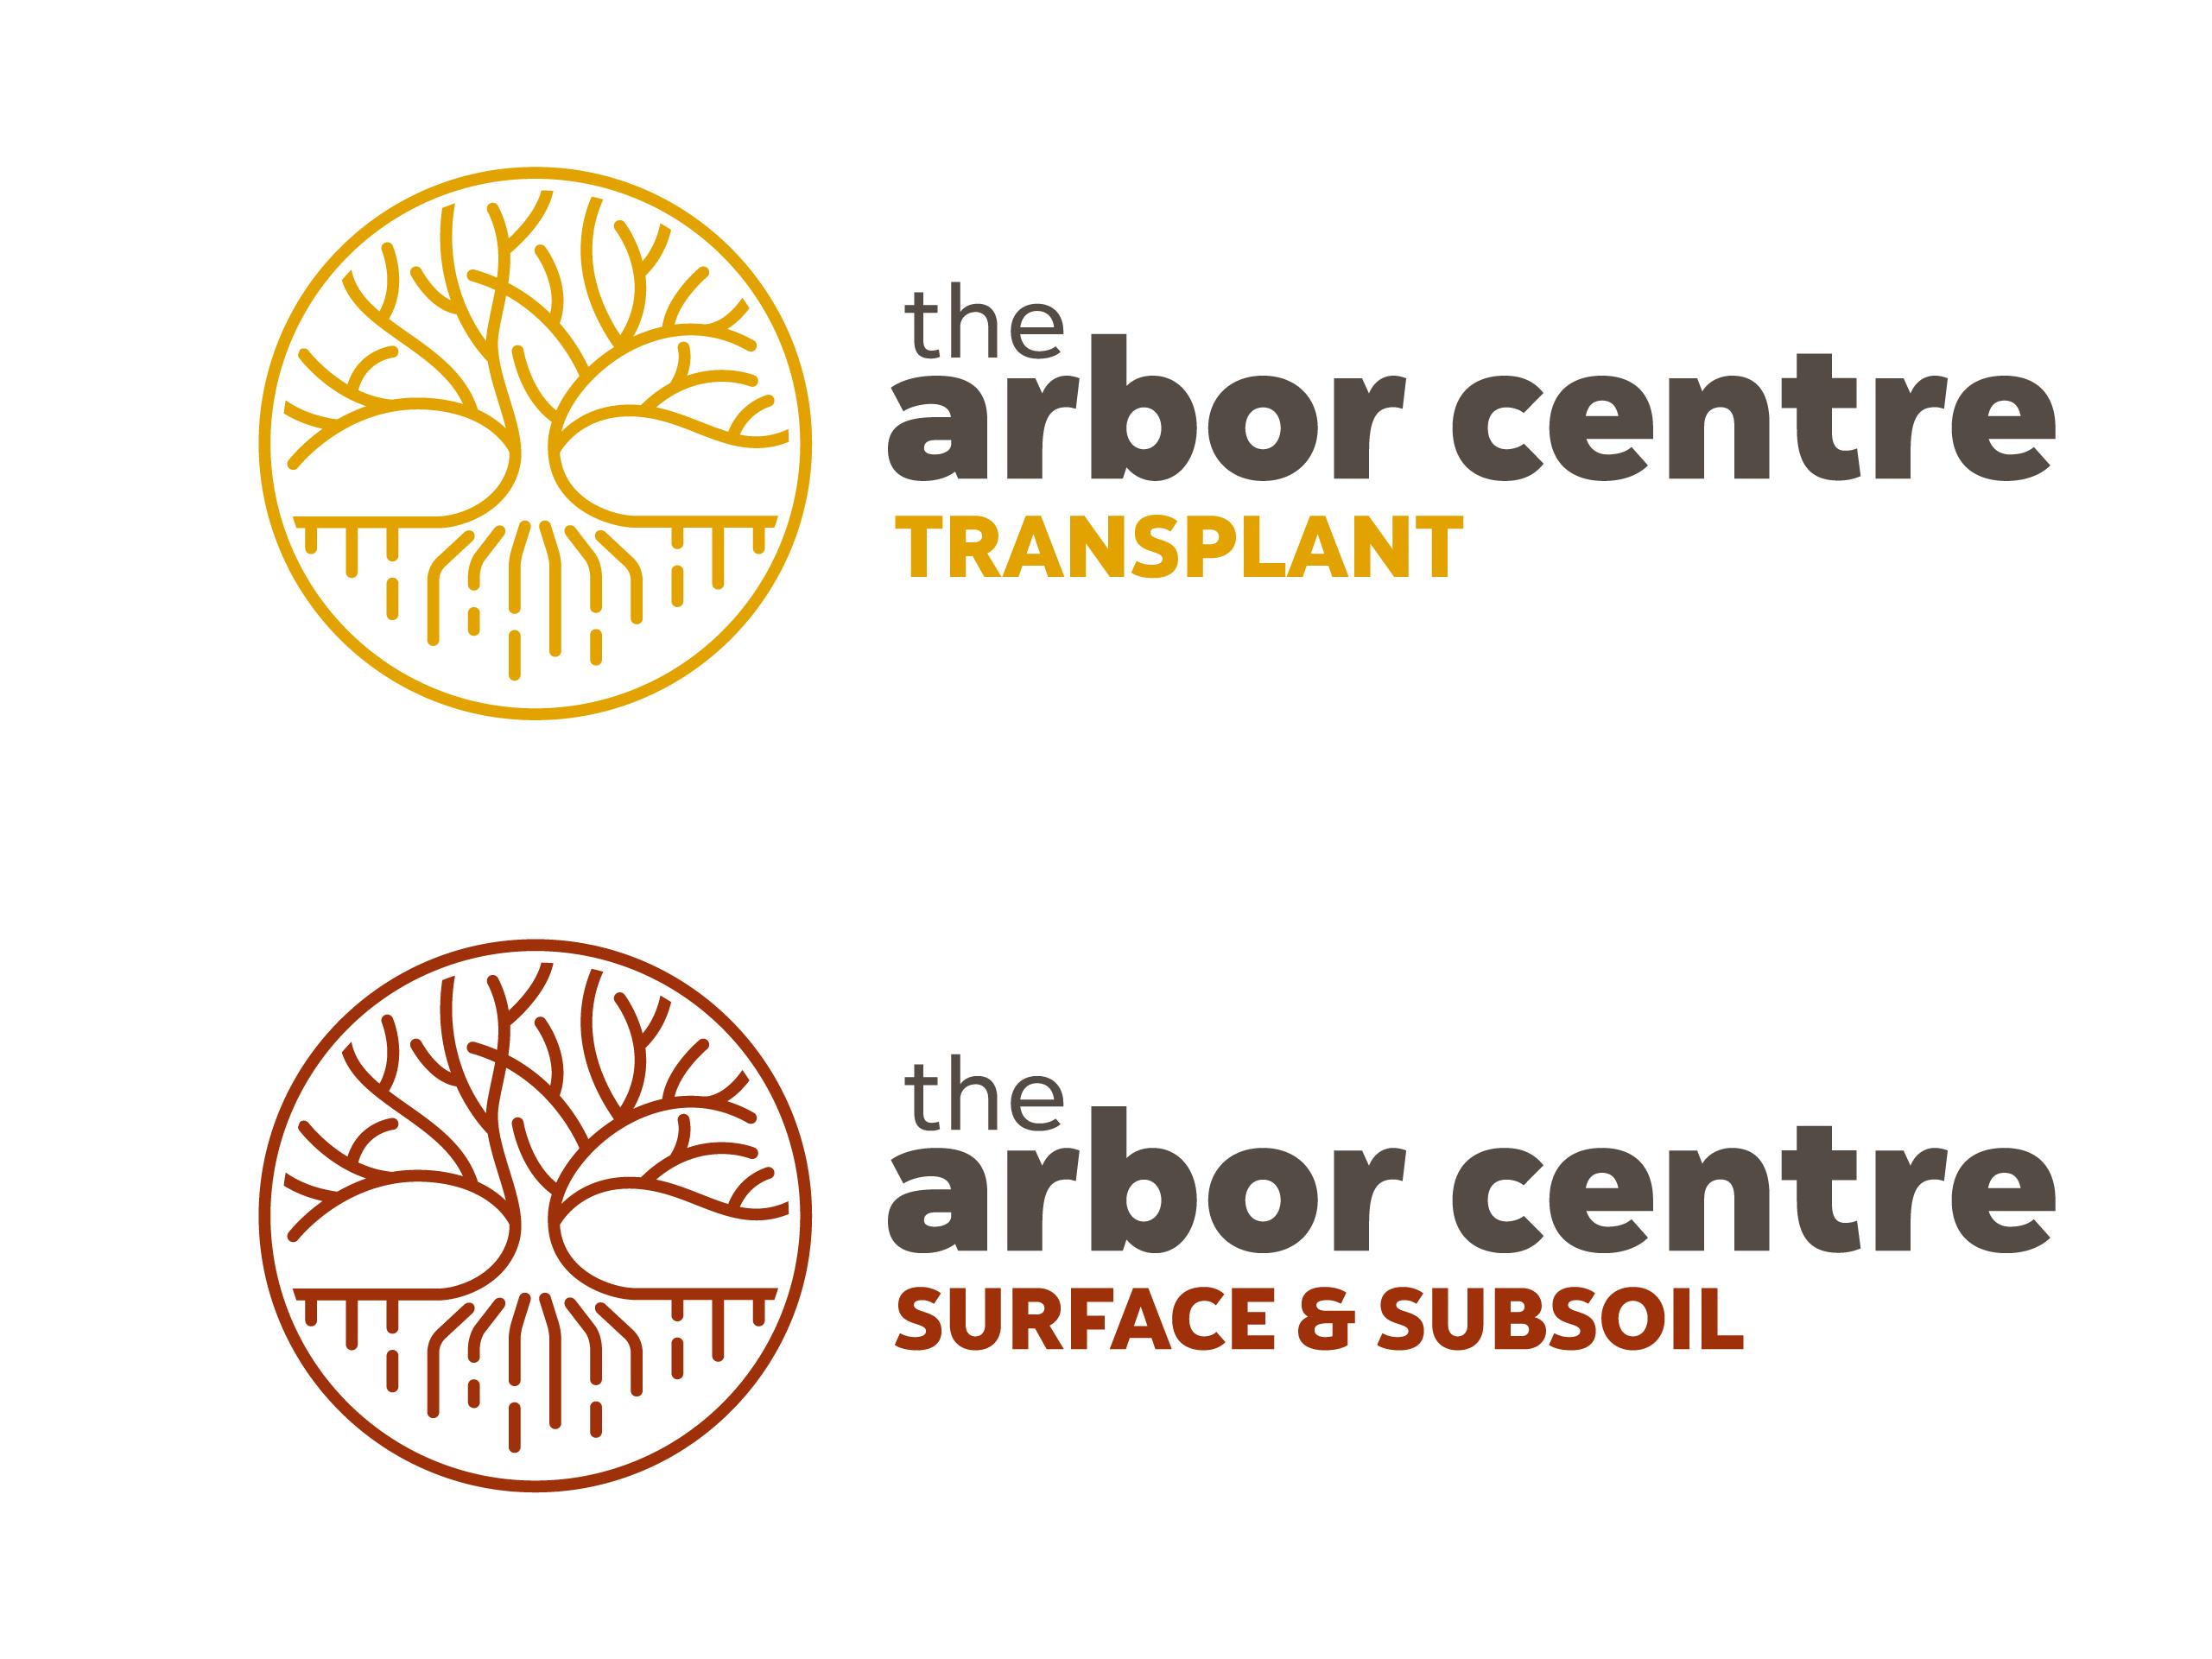 the arbor centre logo design